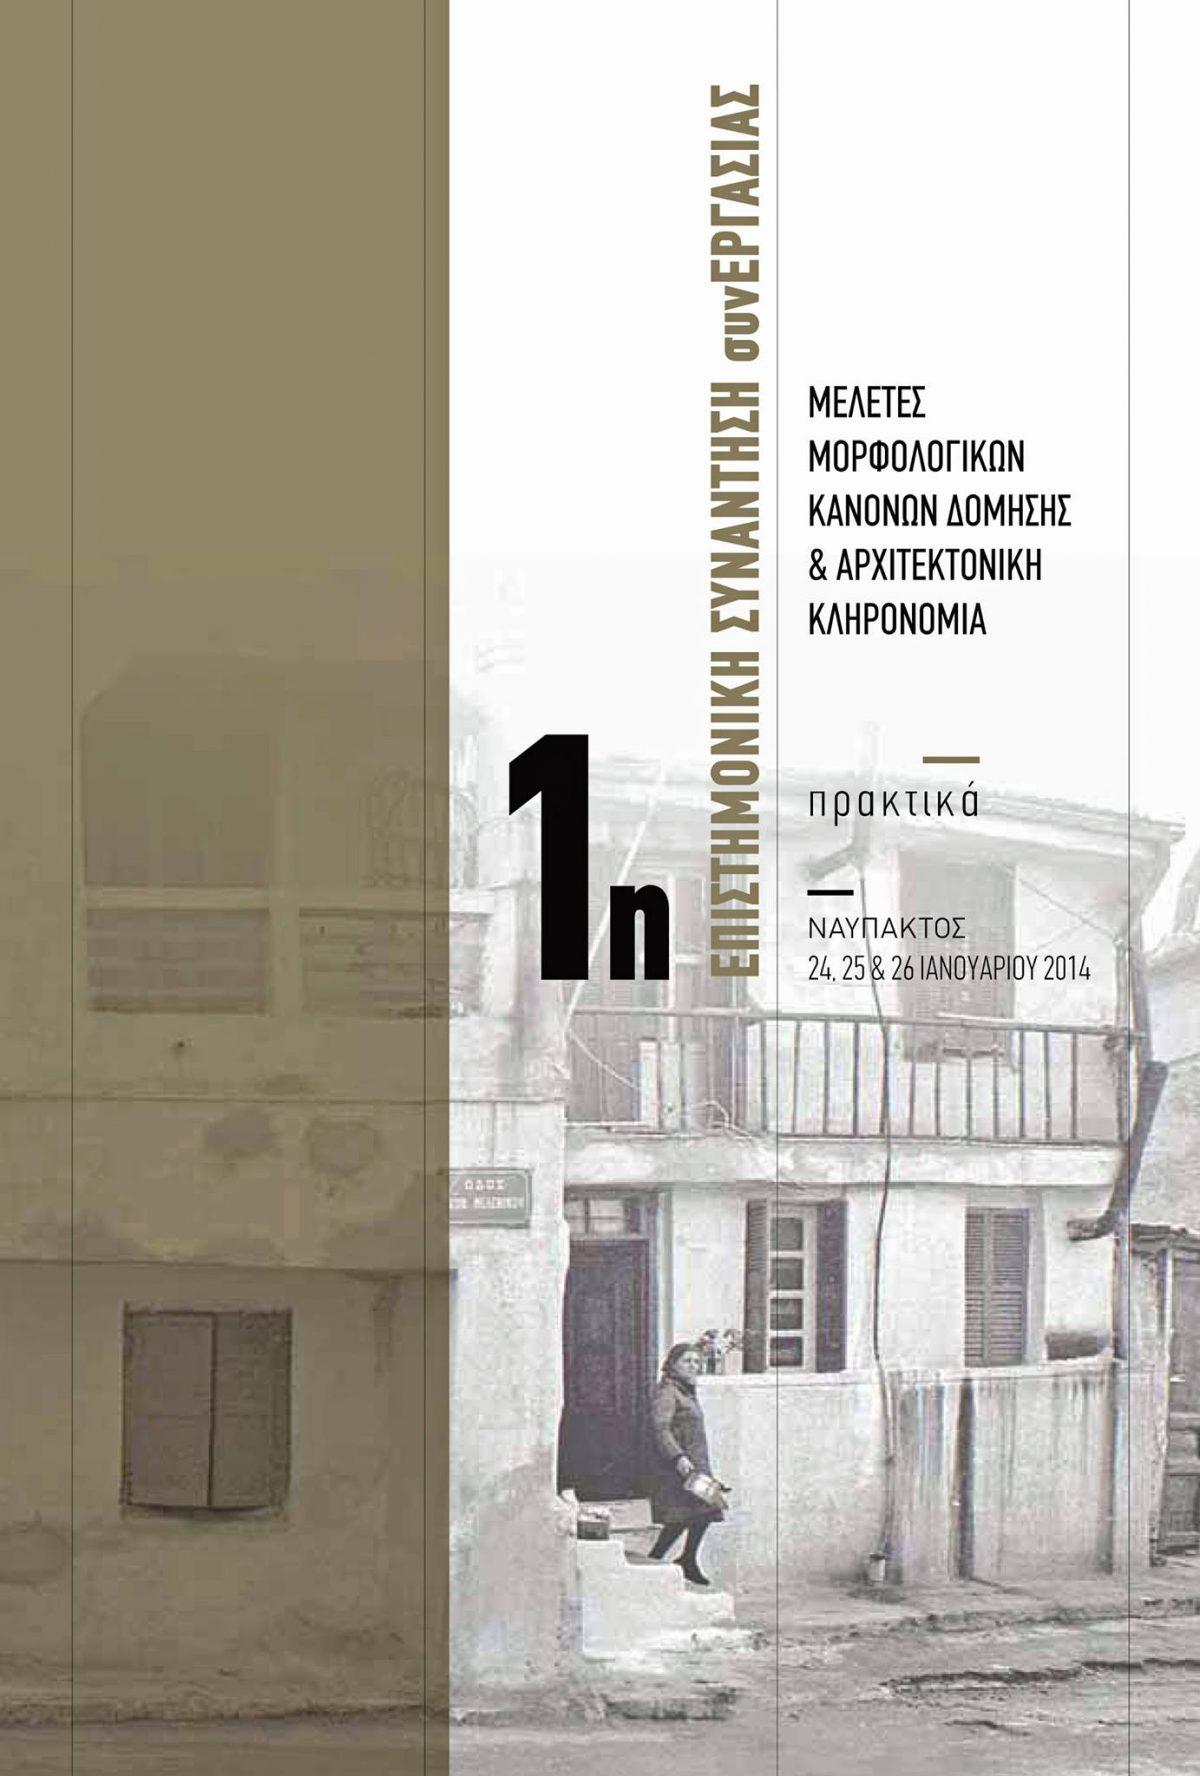 Πρακτικά 1ης Επιστημονικής Συνάντησης συνΕΡΓΑΣΙΑΣ «Μελέτες Μορφολογικών Κανόνων Δόμησης & Αρχιτεκτονική Κληρονομιά», Ναύπακτος 24-26 Ιανουαρίου 2014